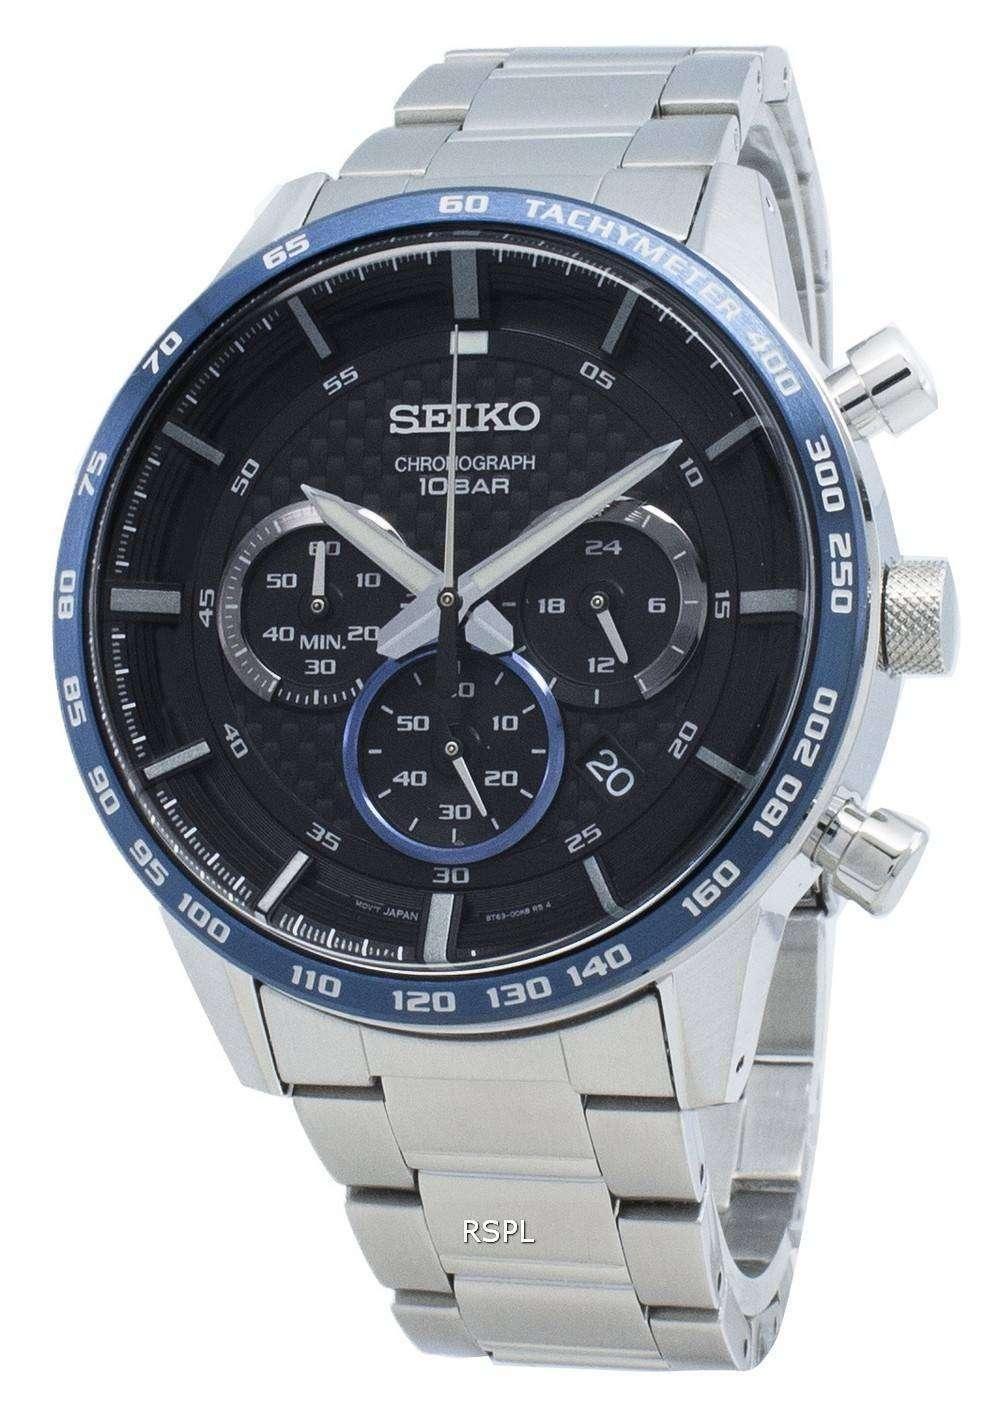 セイコークロノグラフSSB357 SSB357P1 SSB357Pタキメータークォーツメンズ腕時計